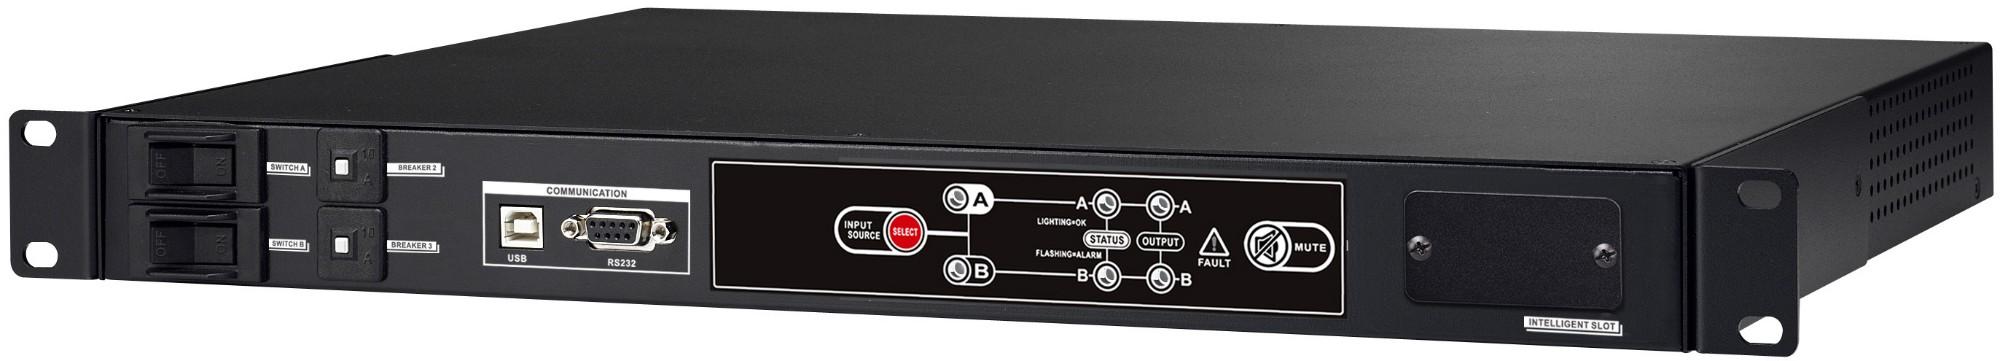 PowerWalker 10120543 UPS accessory